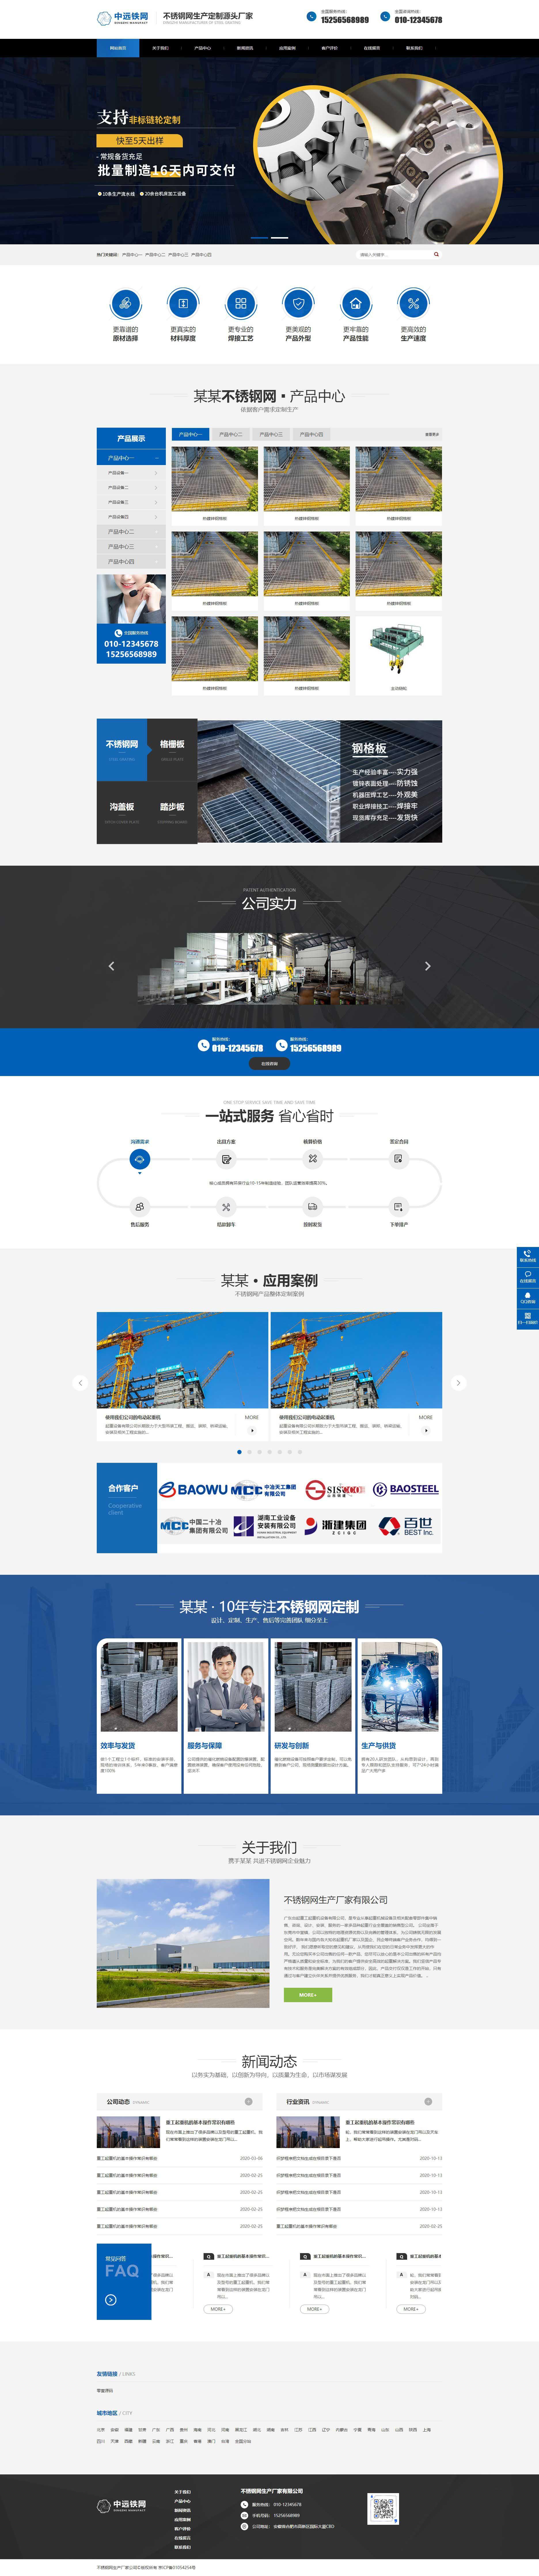 不锈钢网生产公司厂家营销型模板网站织梦dedecms源码(带手机端、带分站)